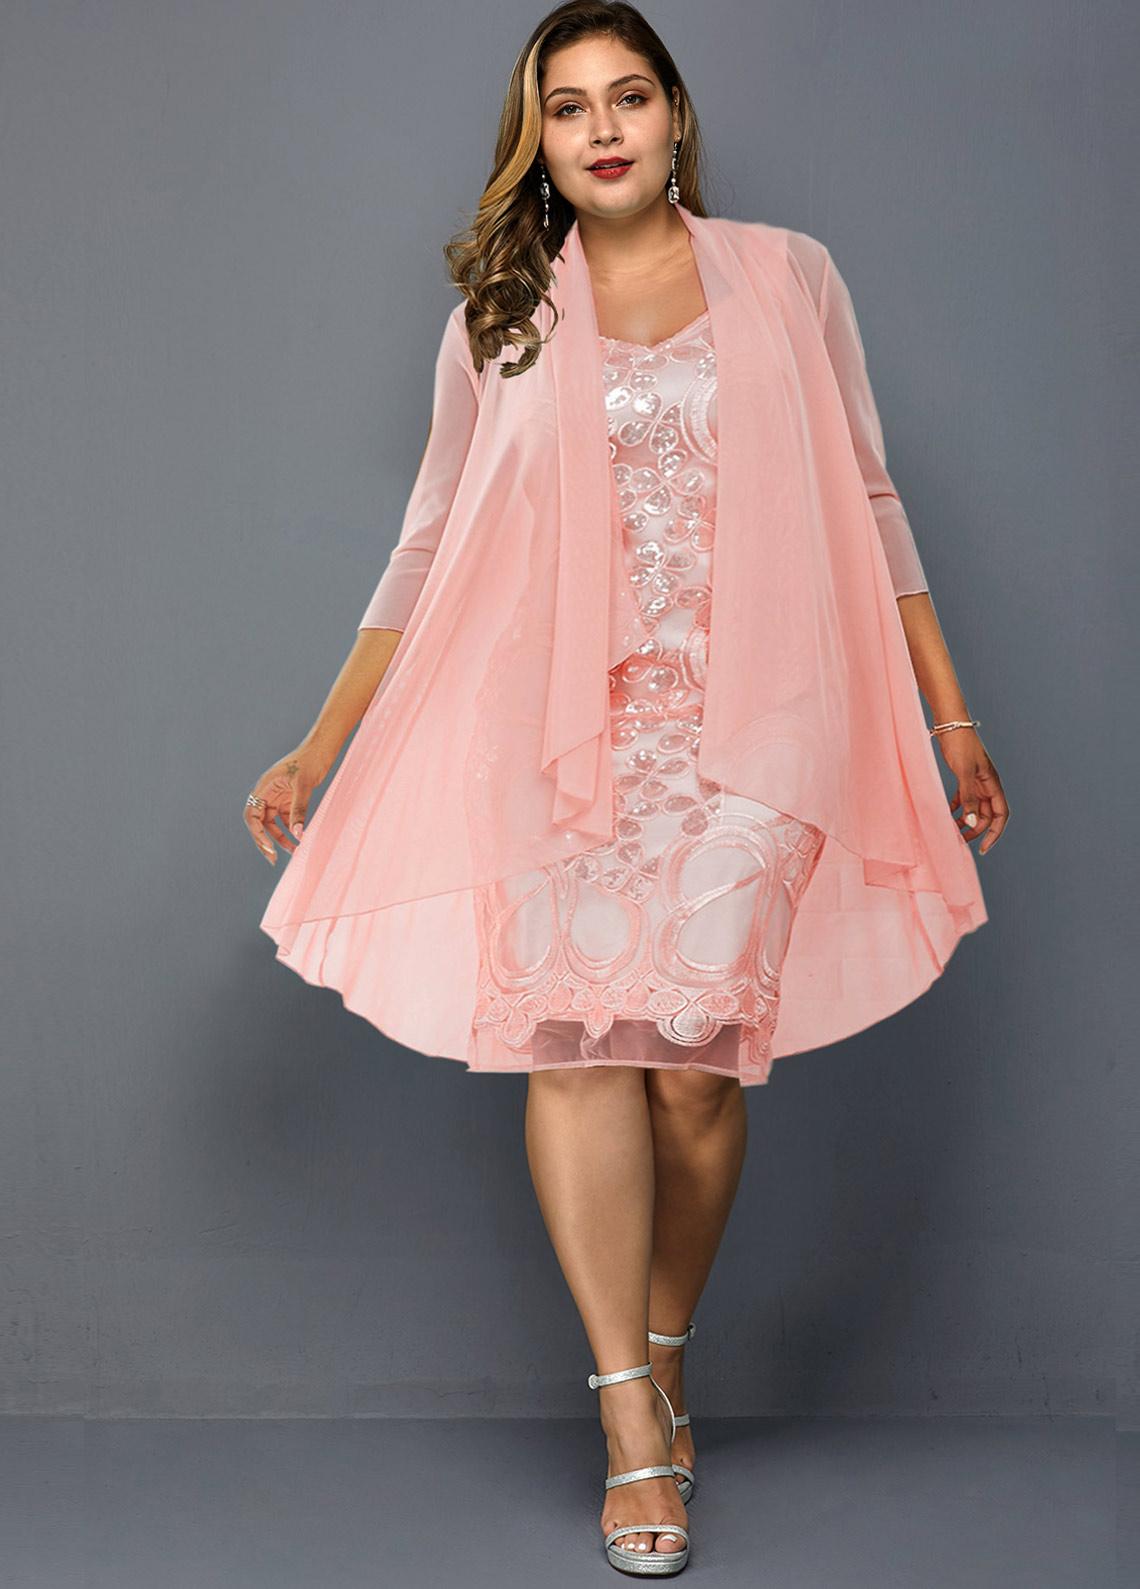 ROTITA Plus Size Chiffon Cardigan and Lace Dress